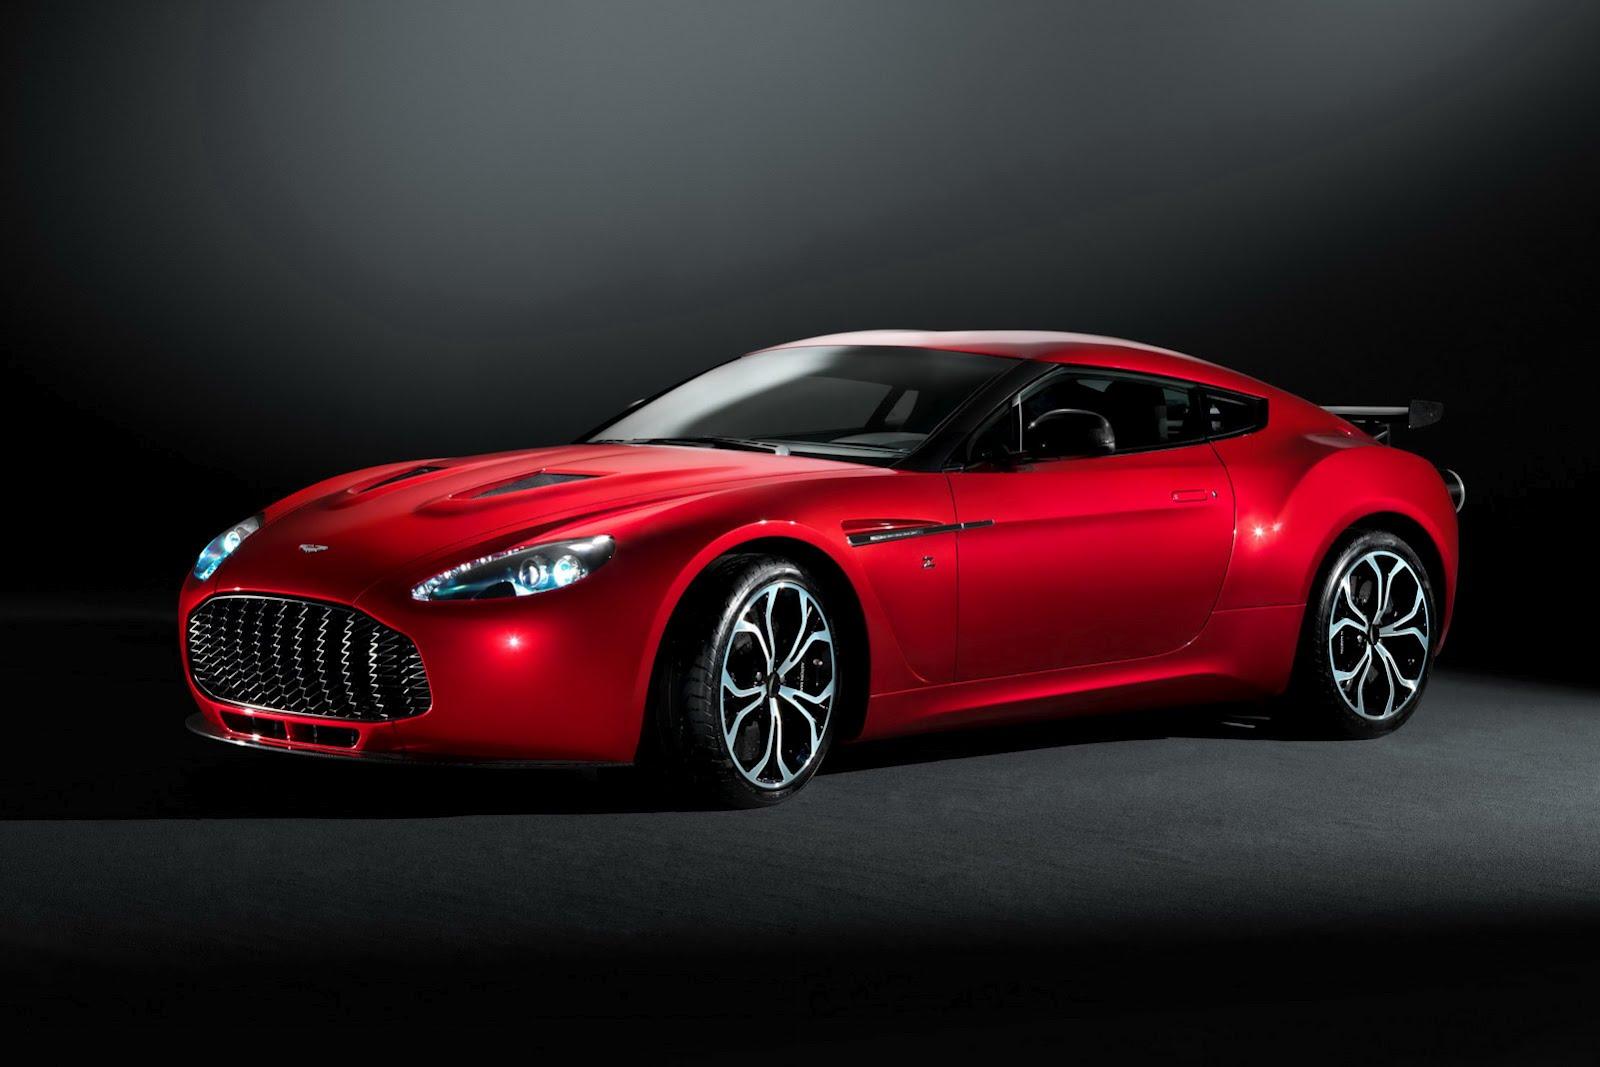 Aston Martin V12 Zagato Wallpaper HD 1080p